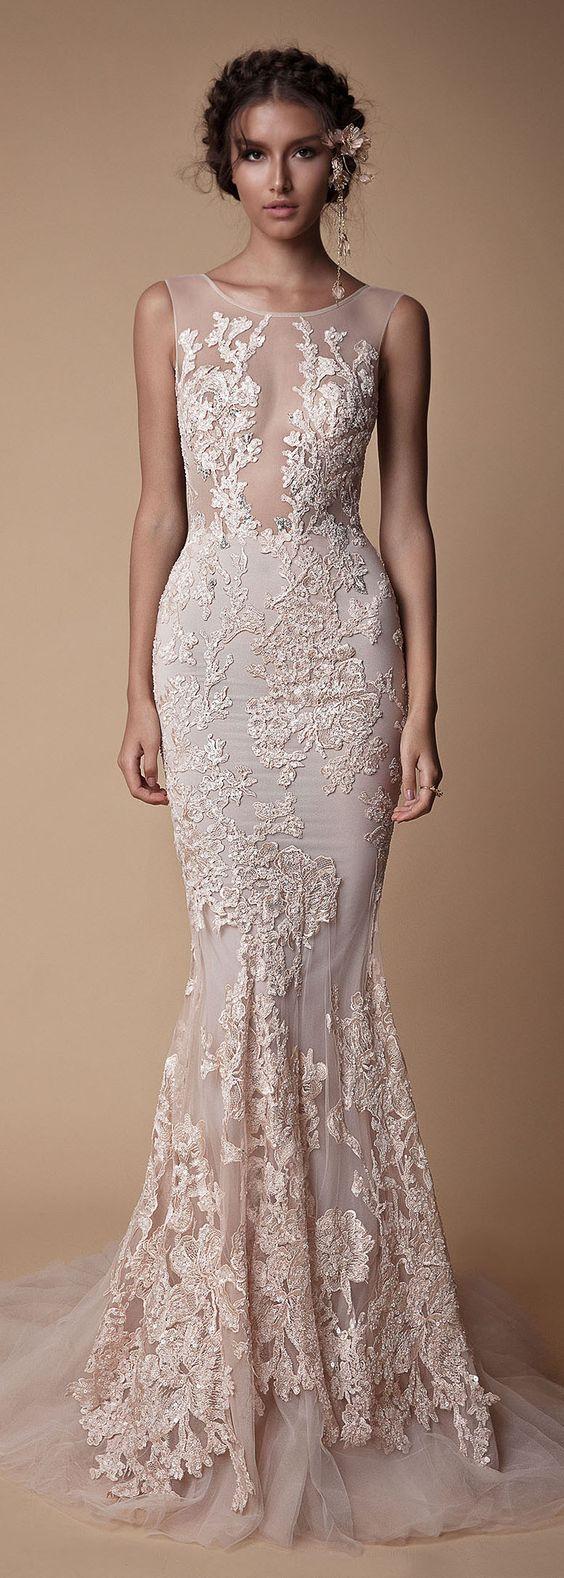 Bridal lace peignoir set projekty do wypróbowania pinterest